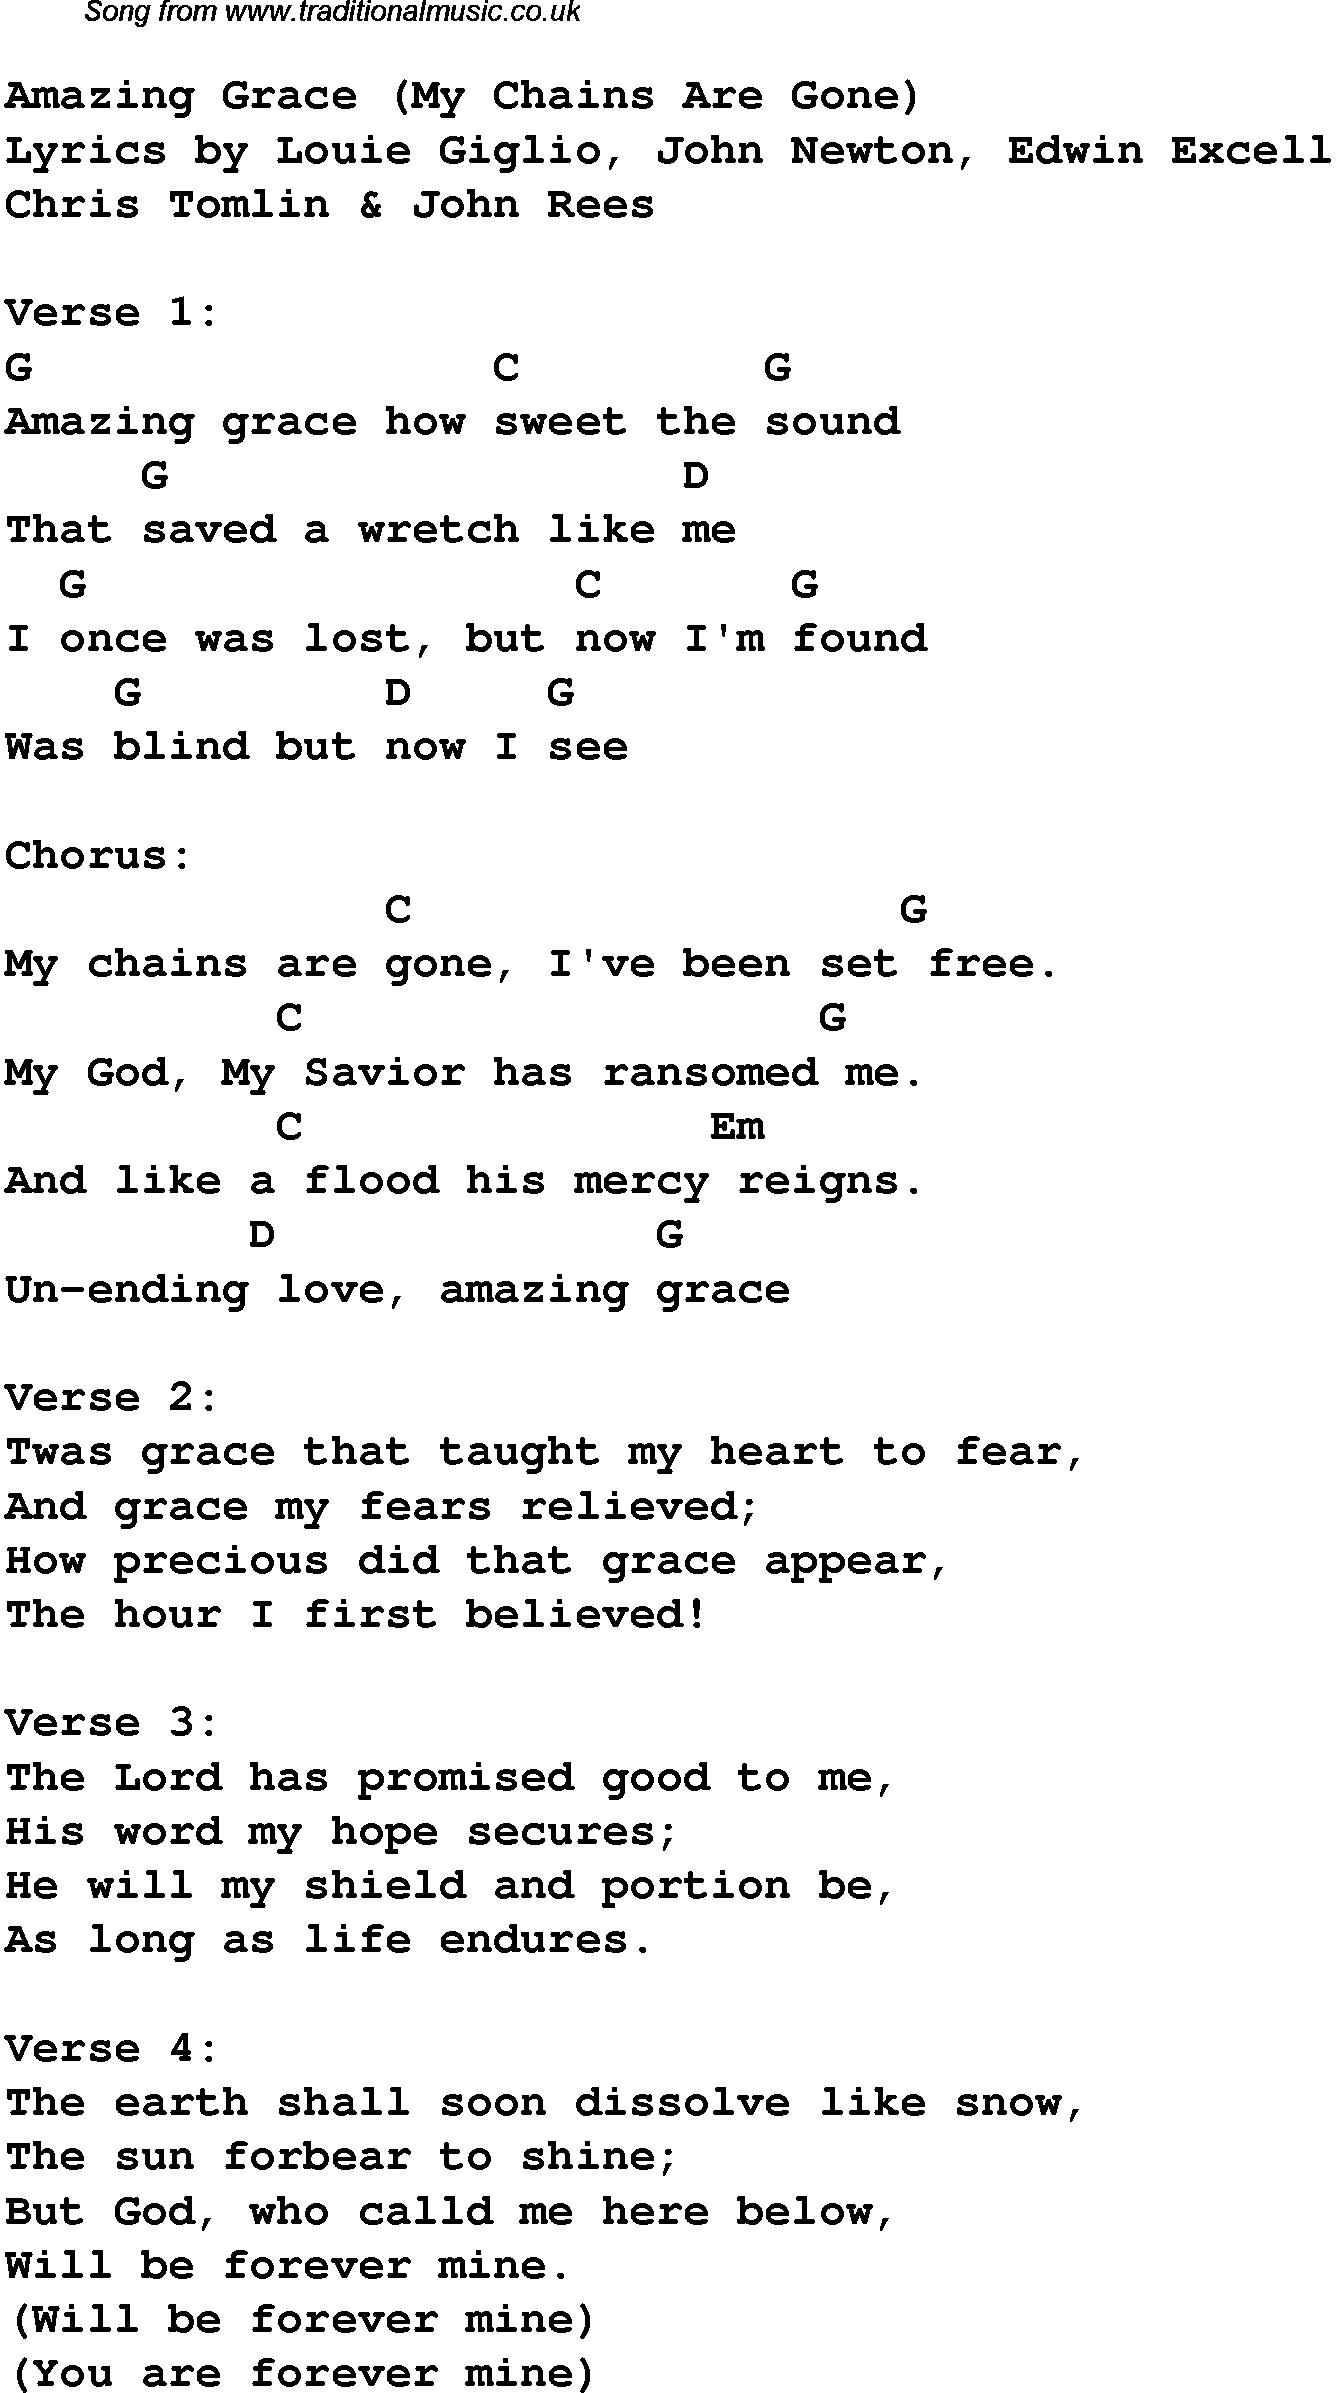 Amazing Grace Lyrics Chords - Chordify